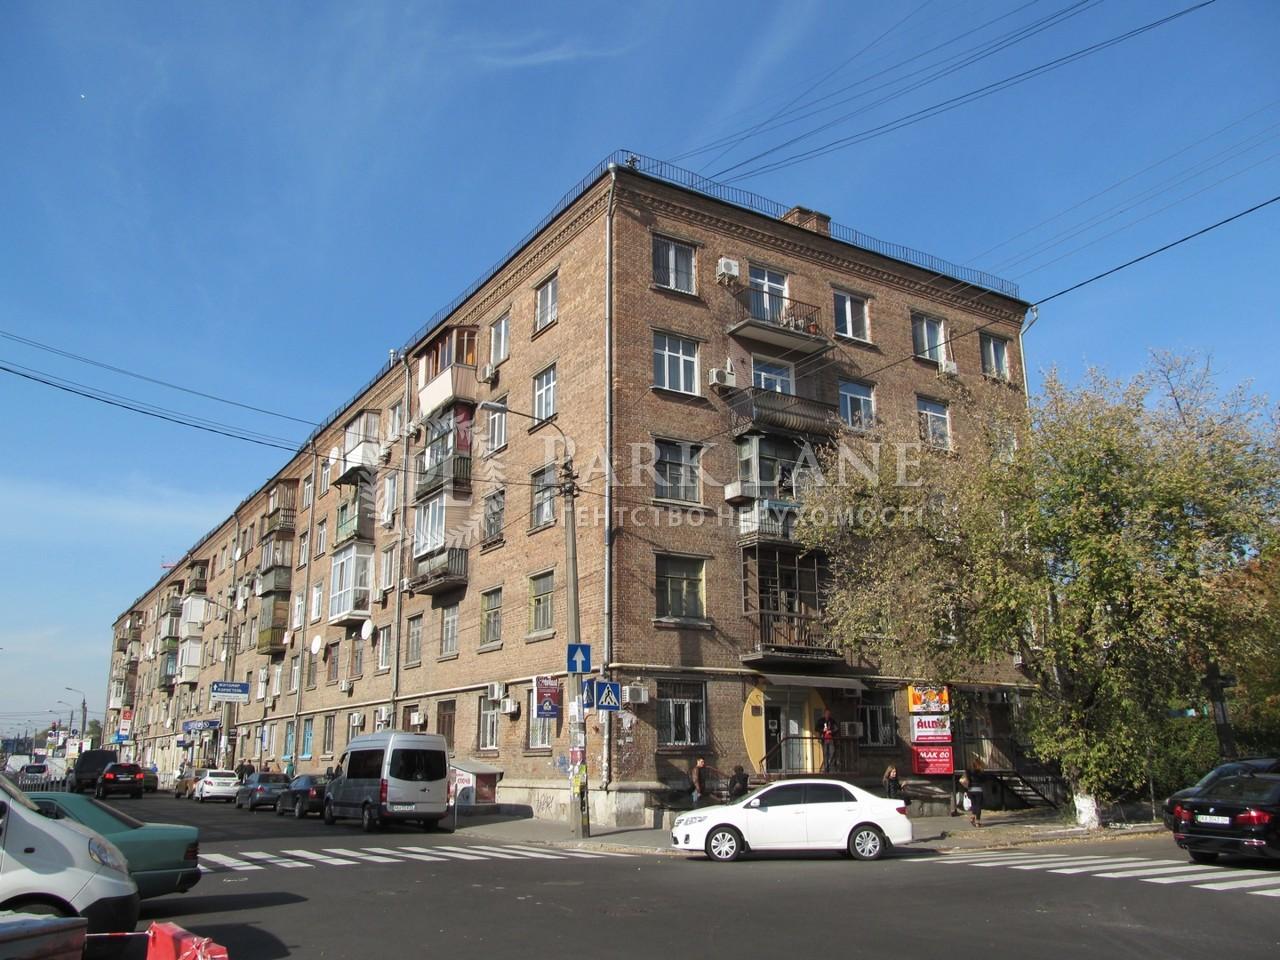 Нежилое помещение, ул. Межигорская, Киев, R-40755 - Фото 1